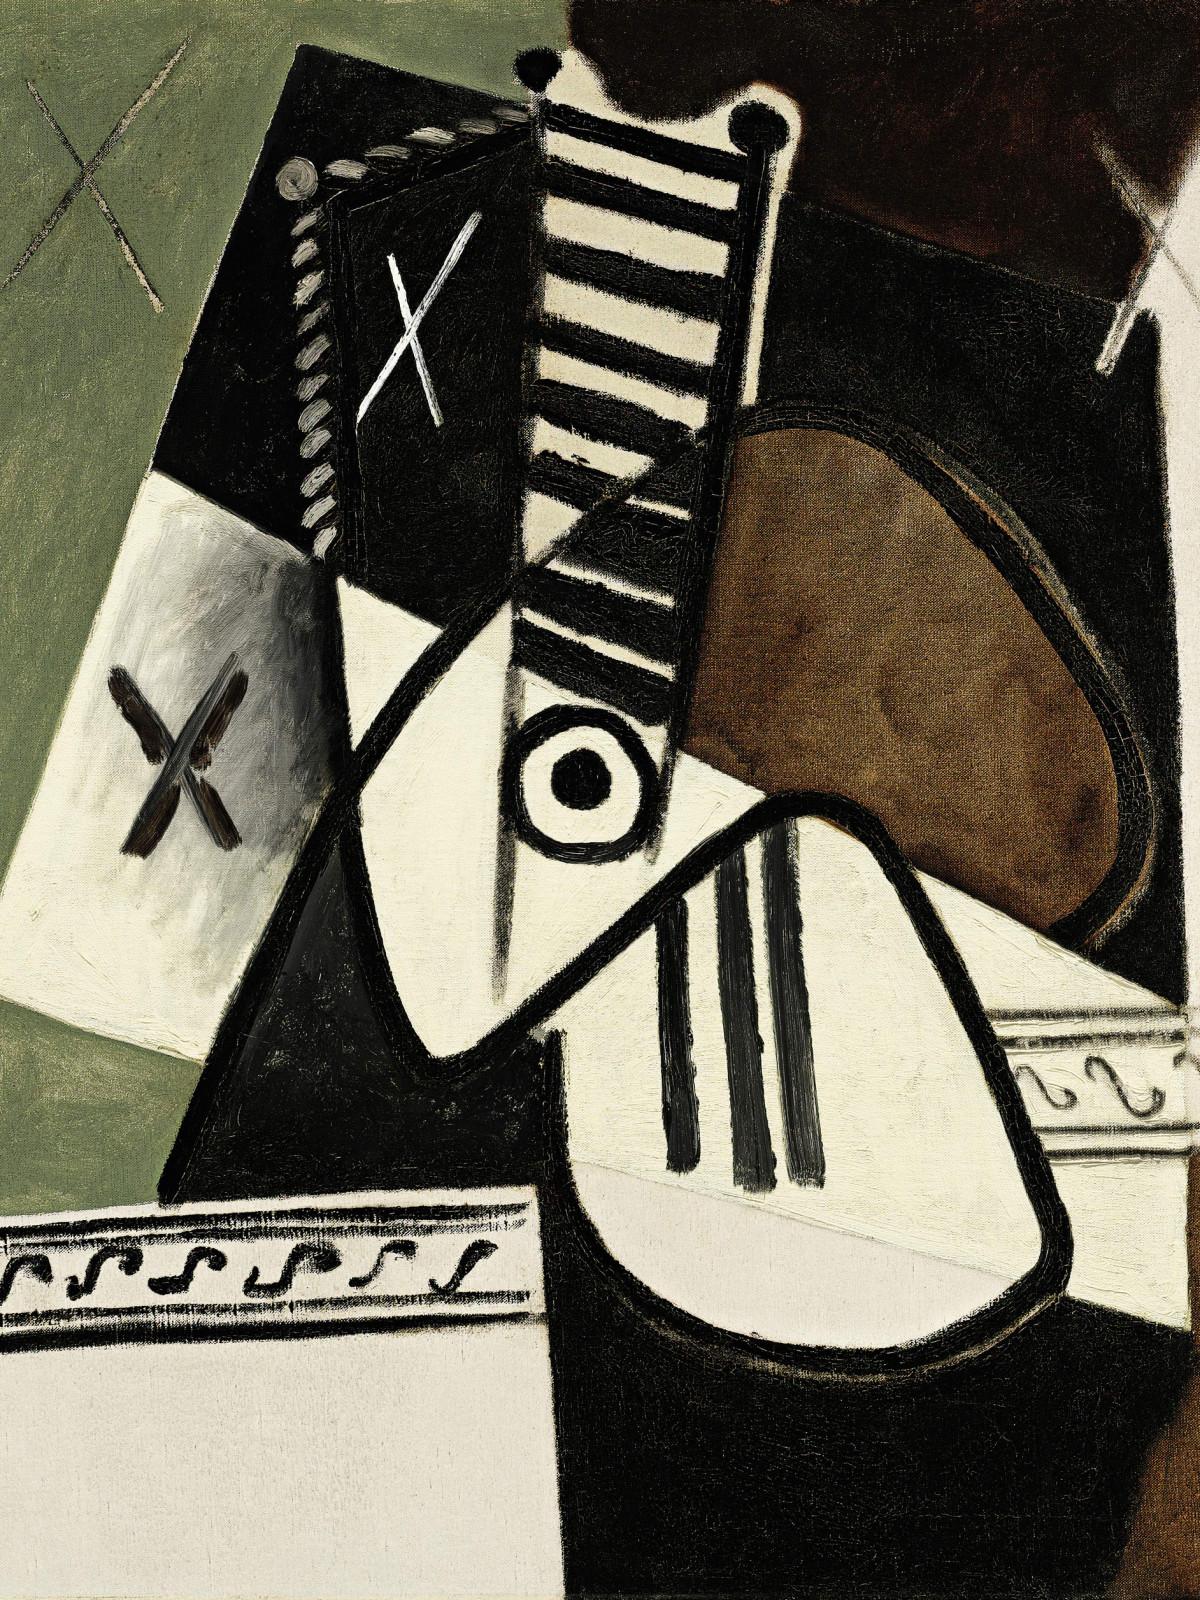 HFAF Picasso